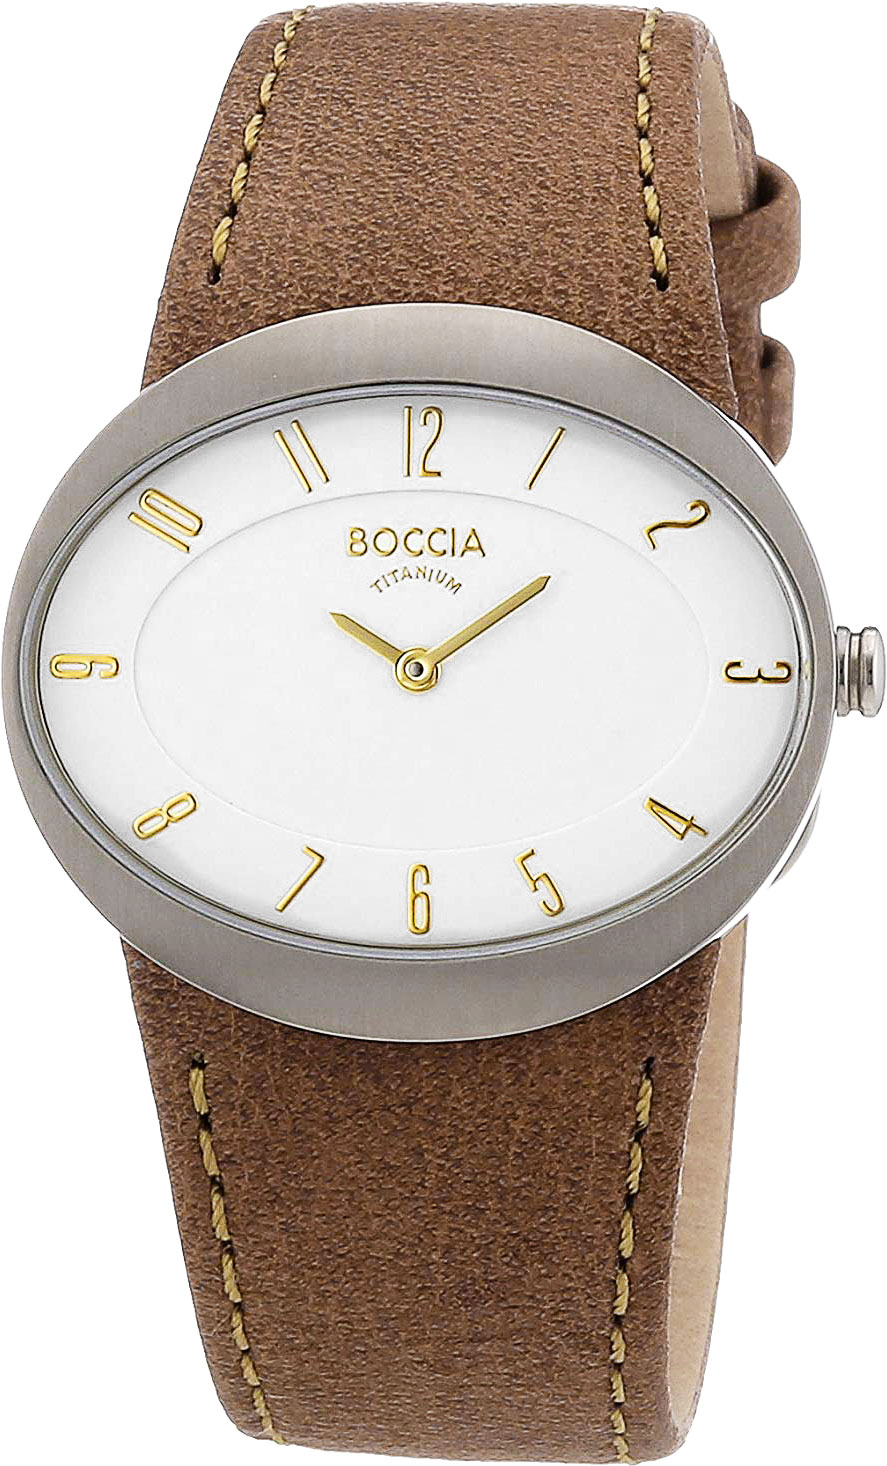 Женские часы Boccia Titanium 3165-01 boccia bcc 3210 01